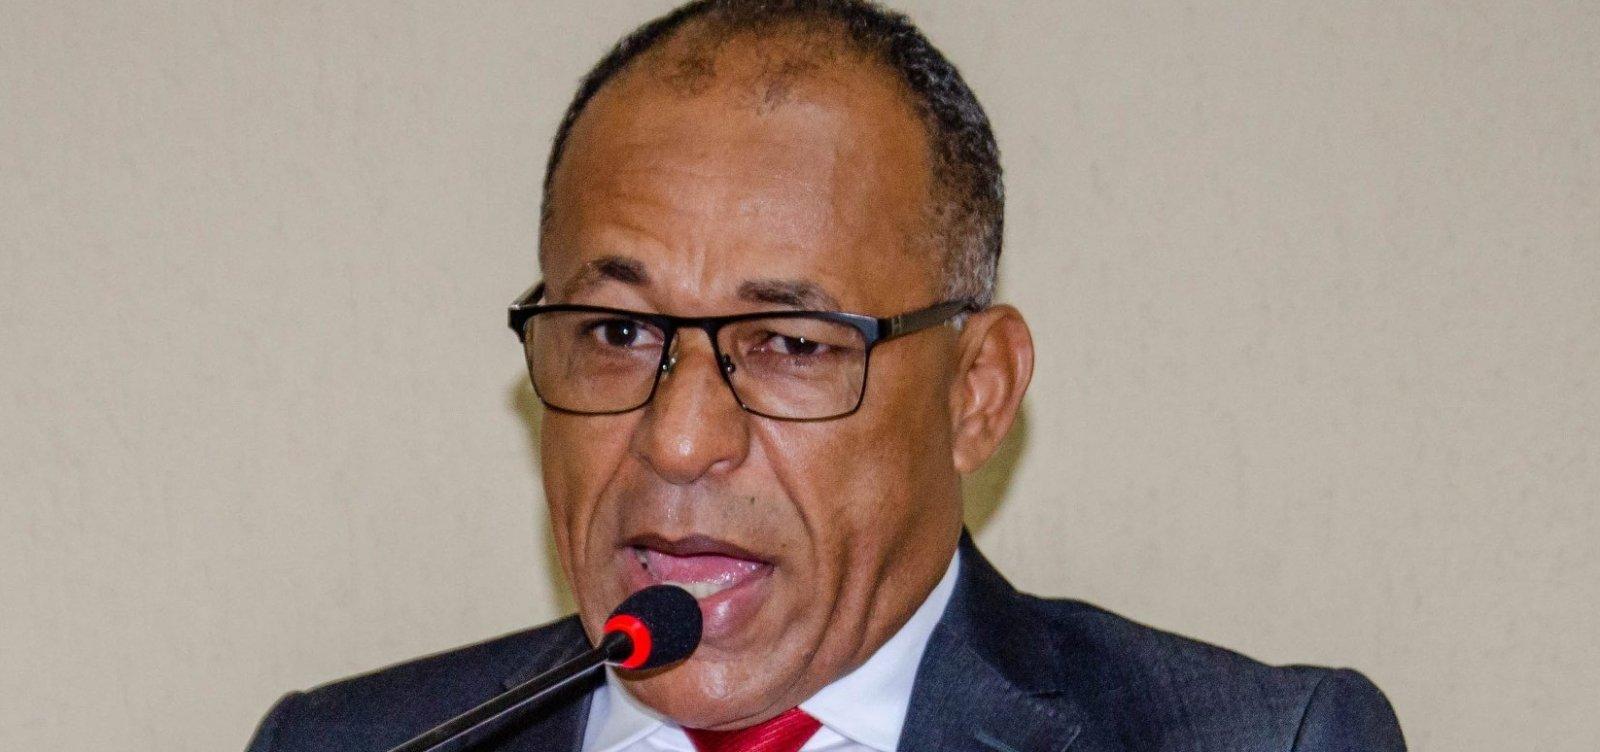 Candeias: MP mostra lista para 'compra de votos' em favor de vereador